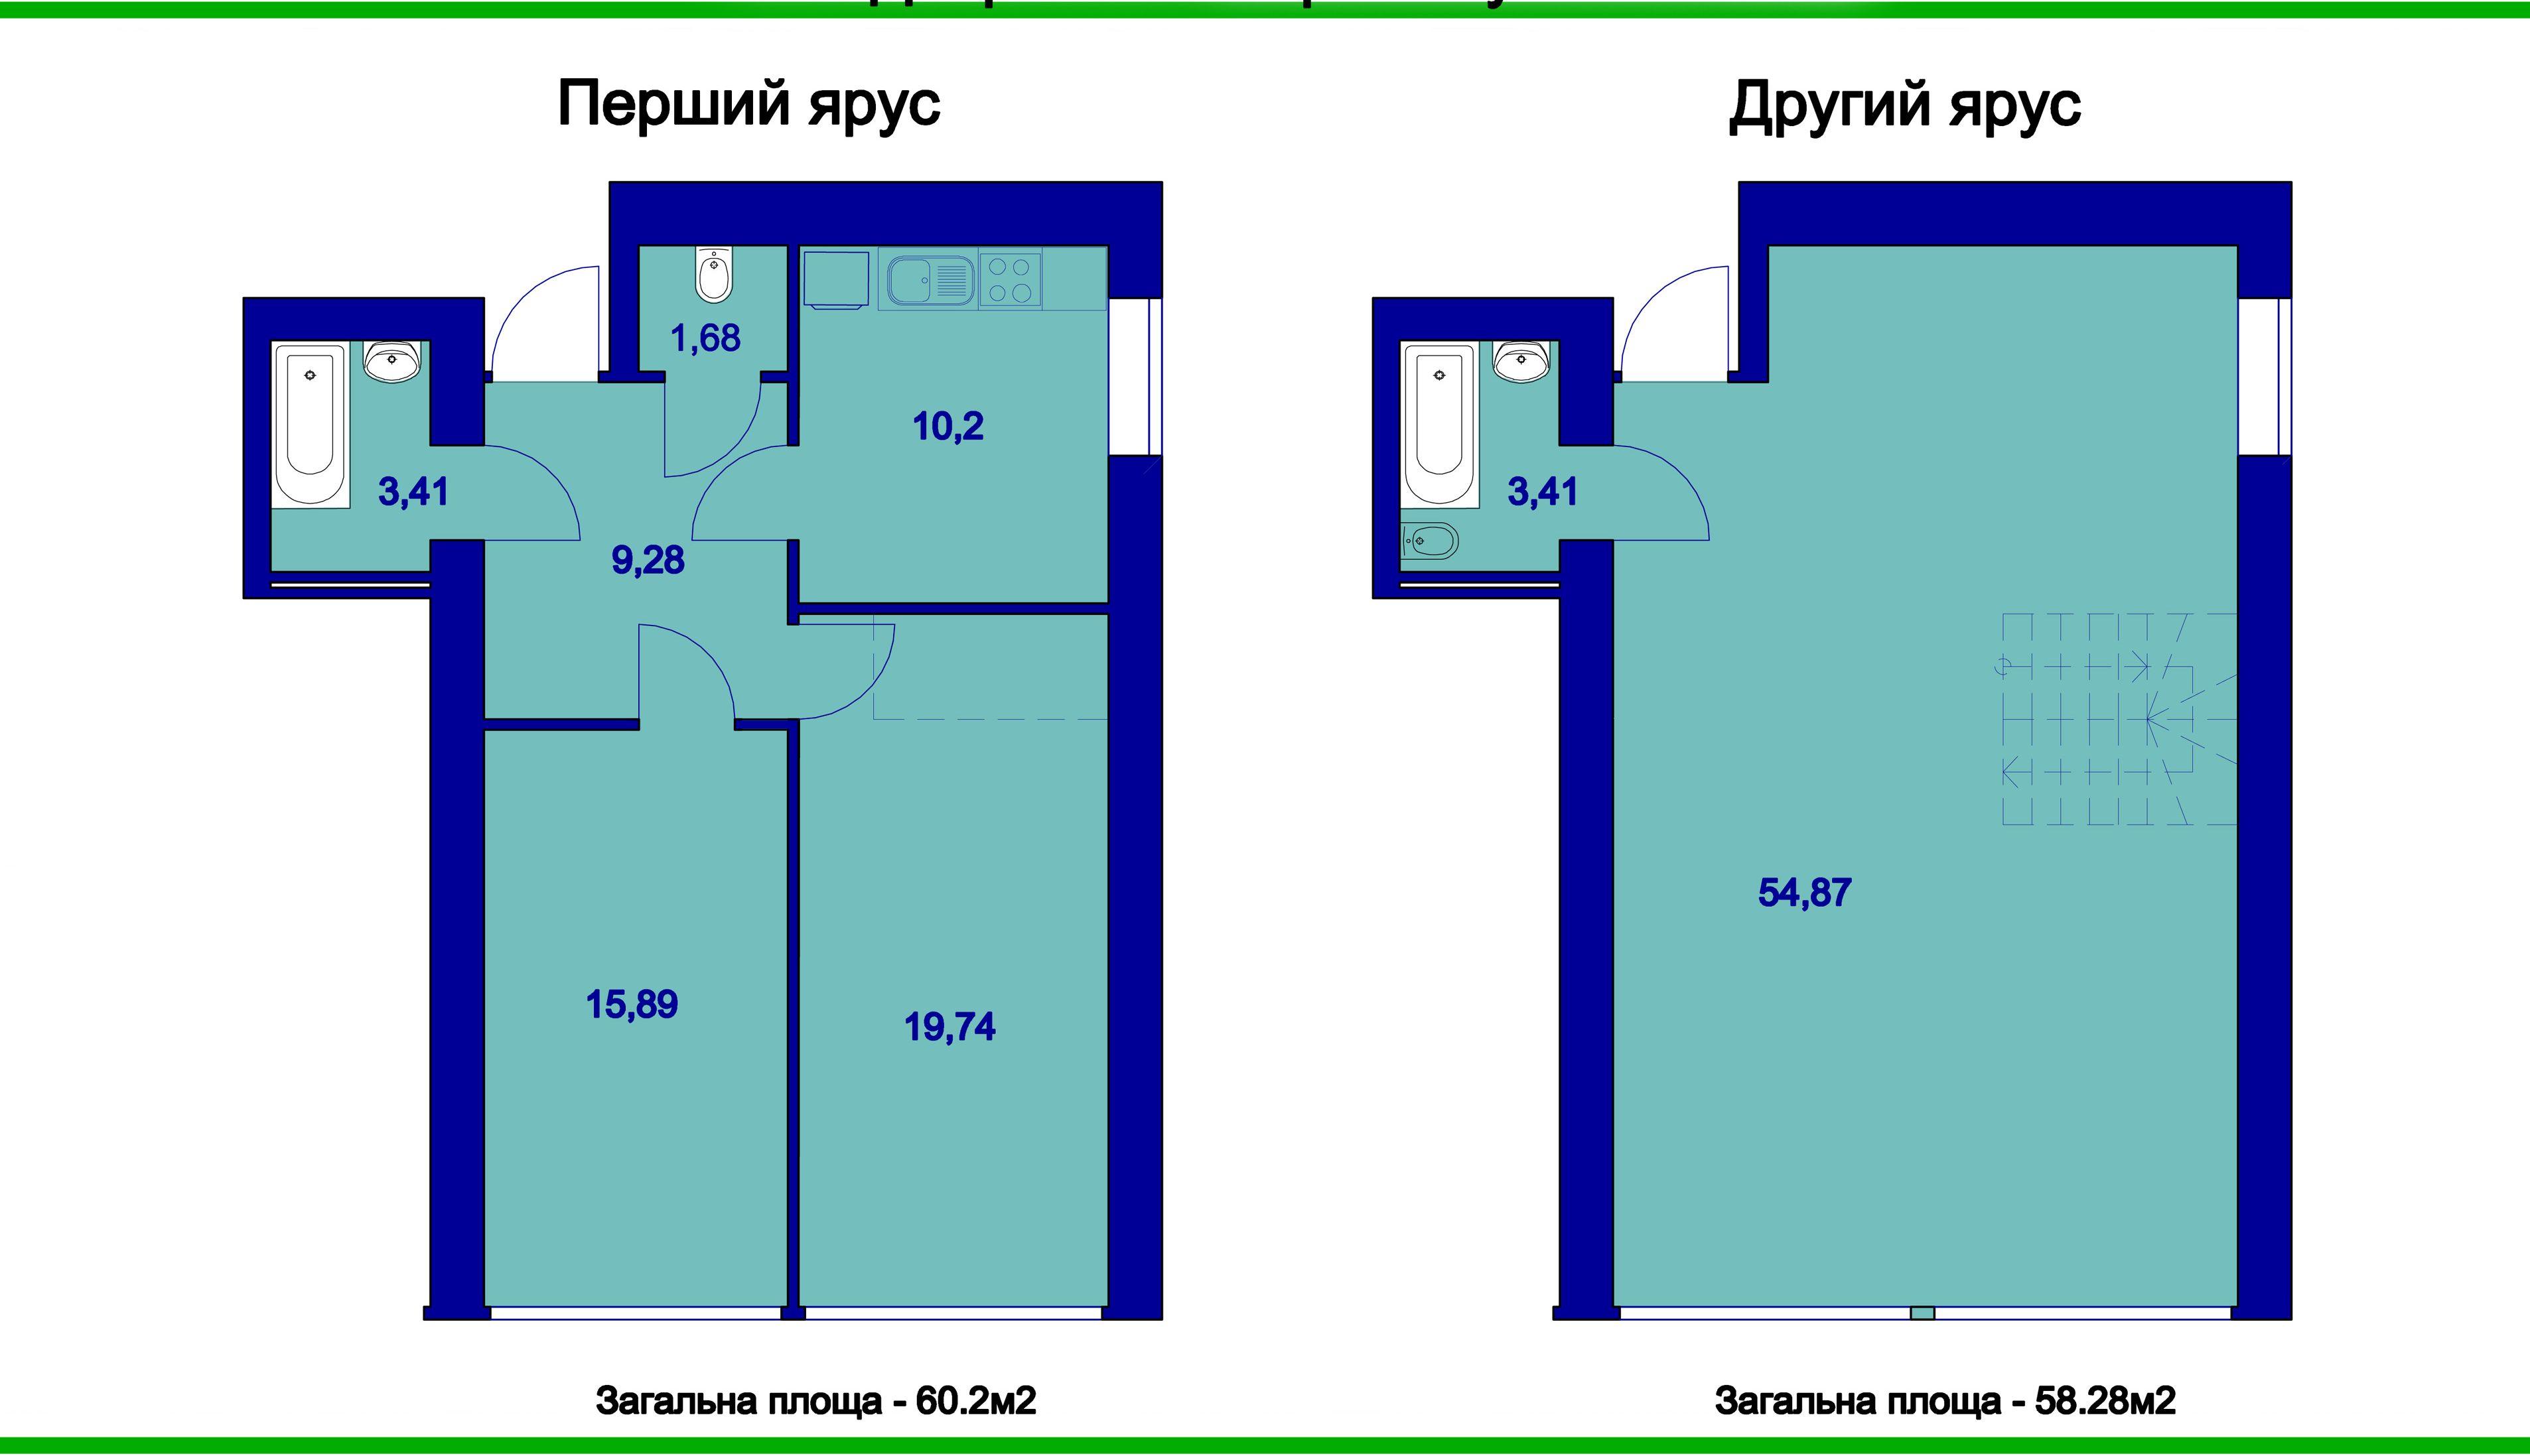 Двухъярусная квартира